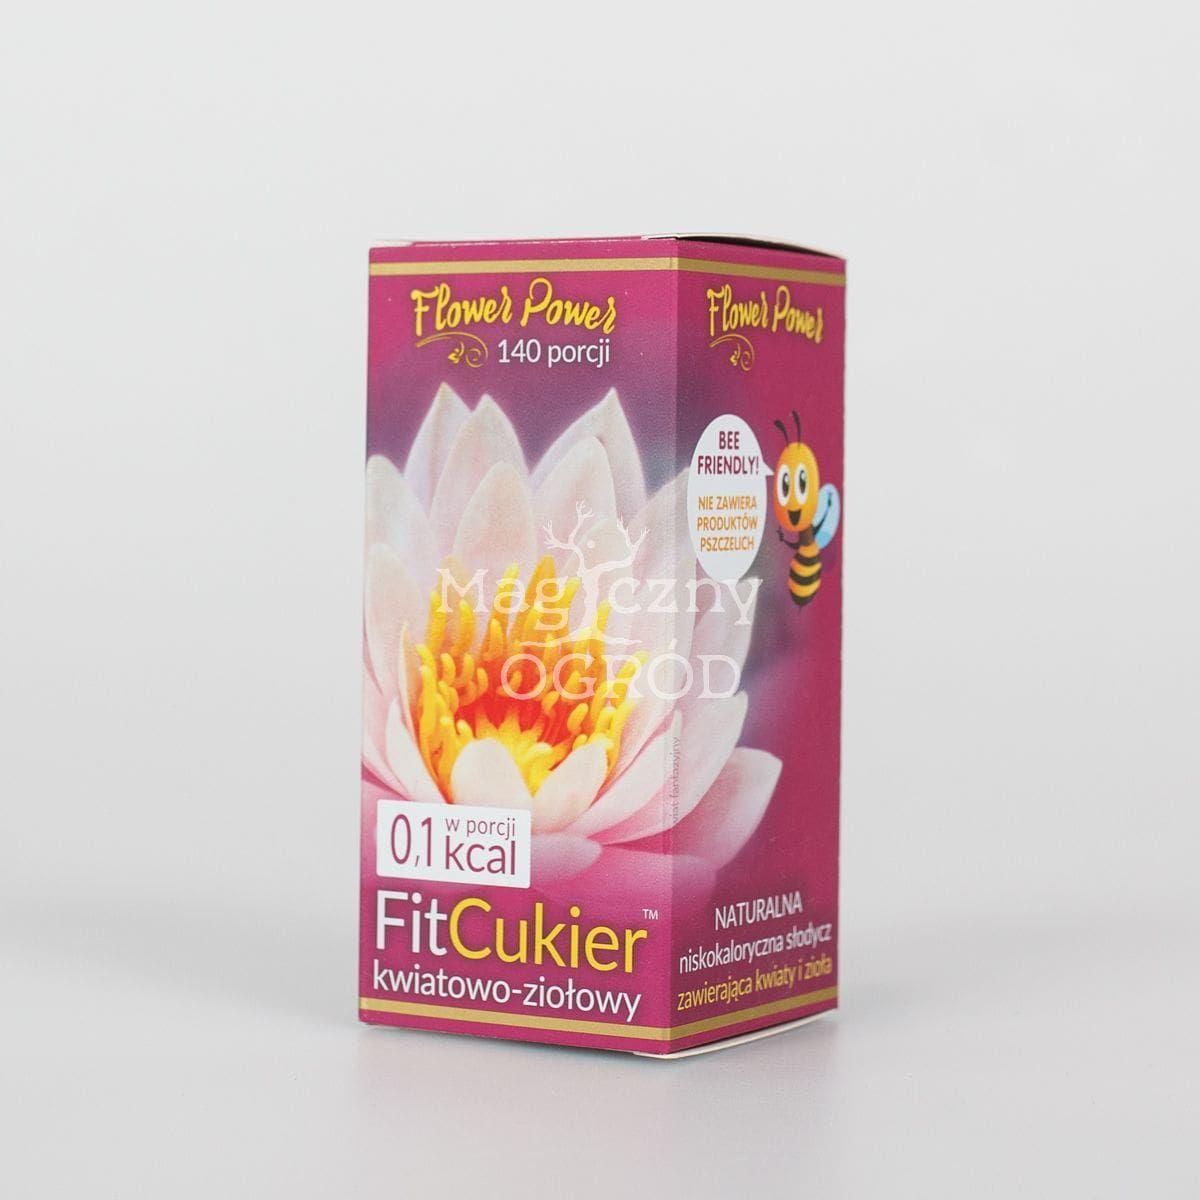 FitCukier kwiatowo-ziołowy